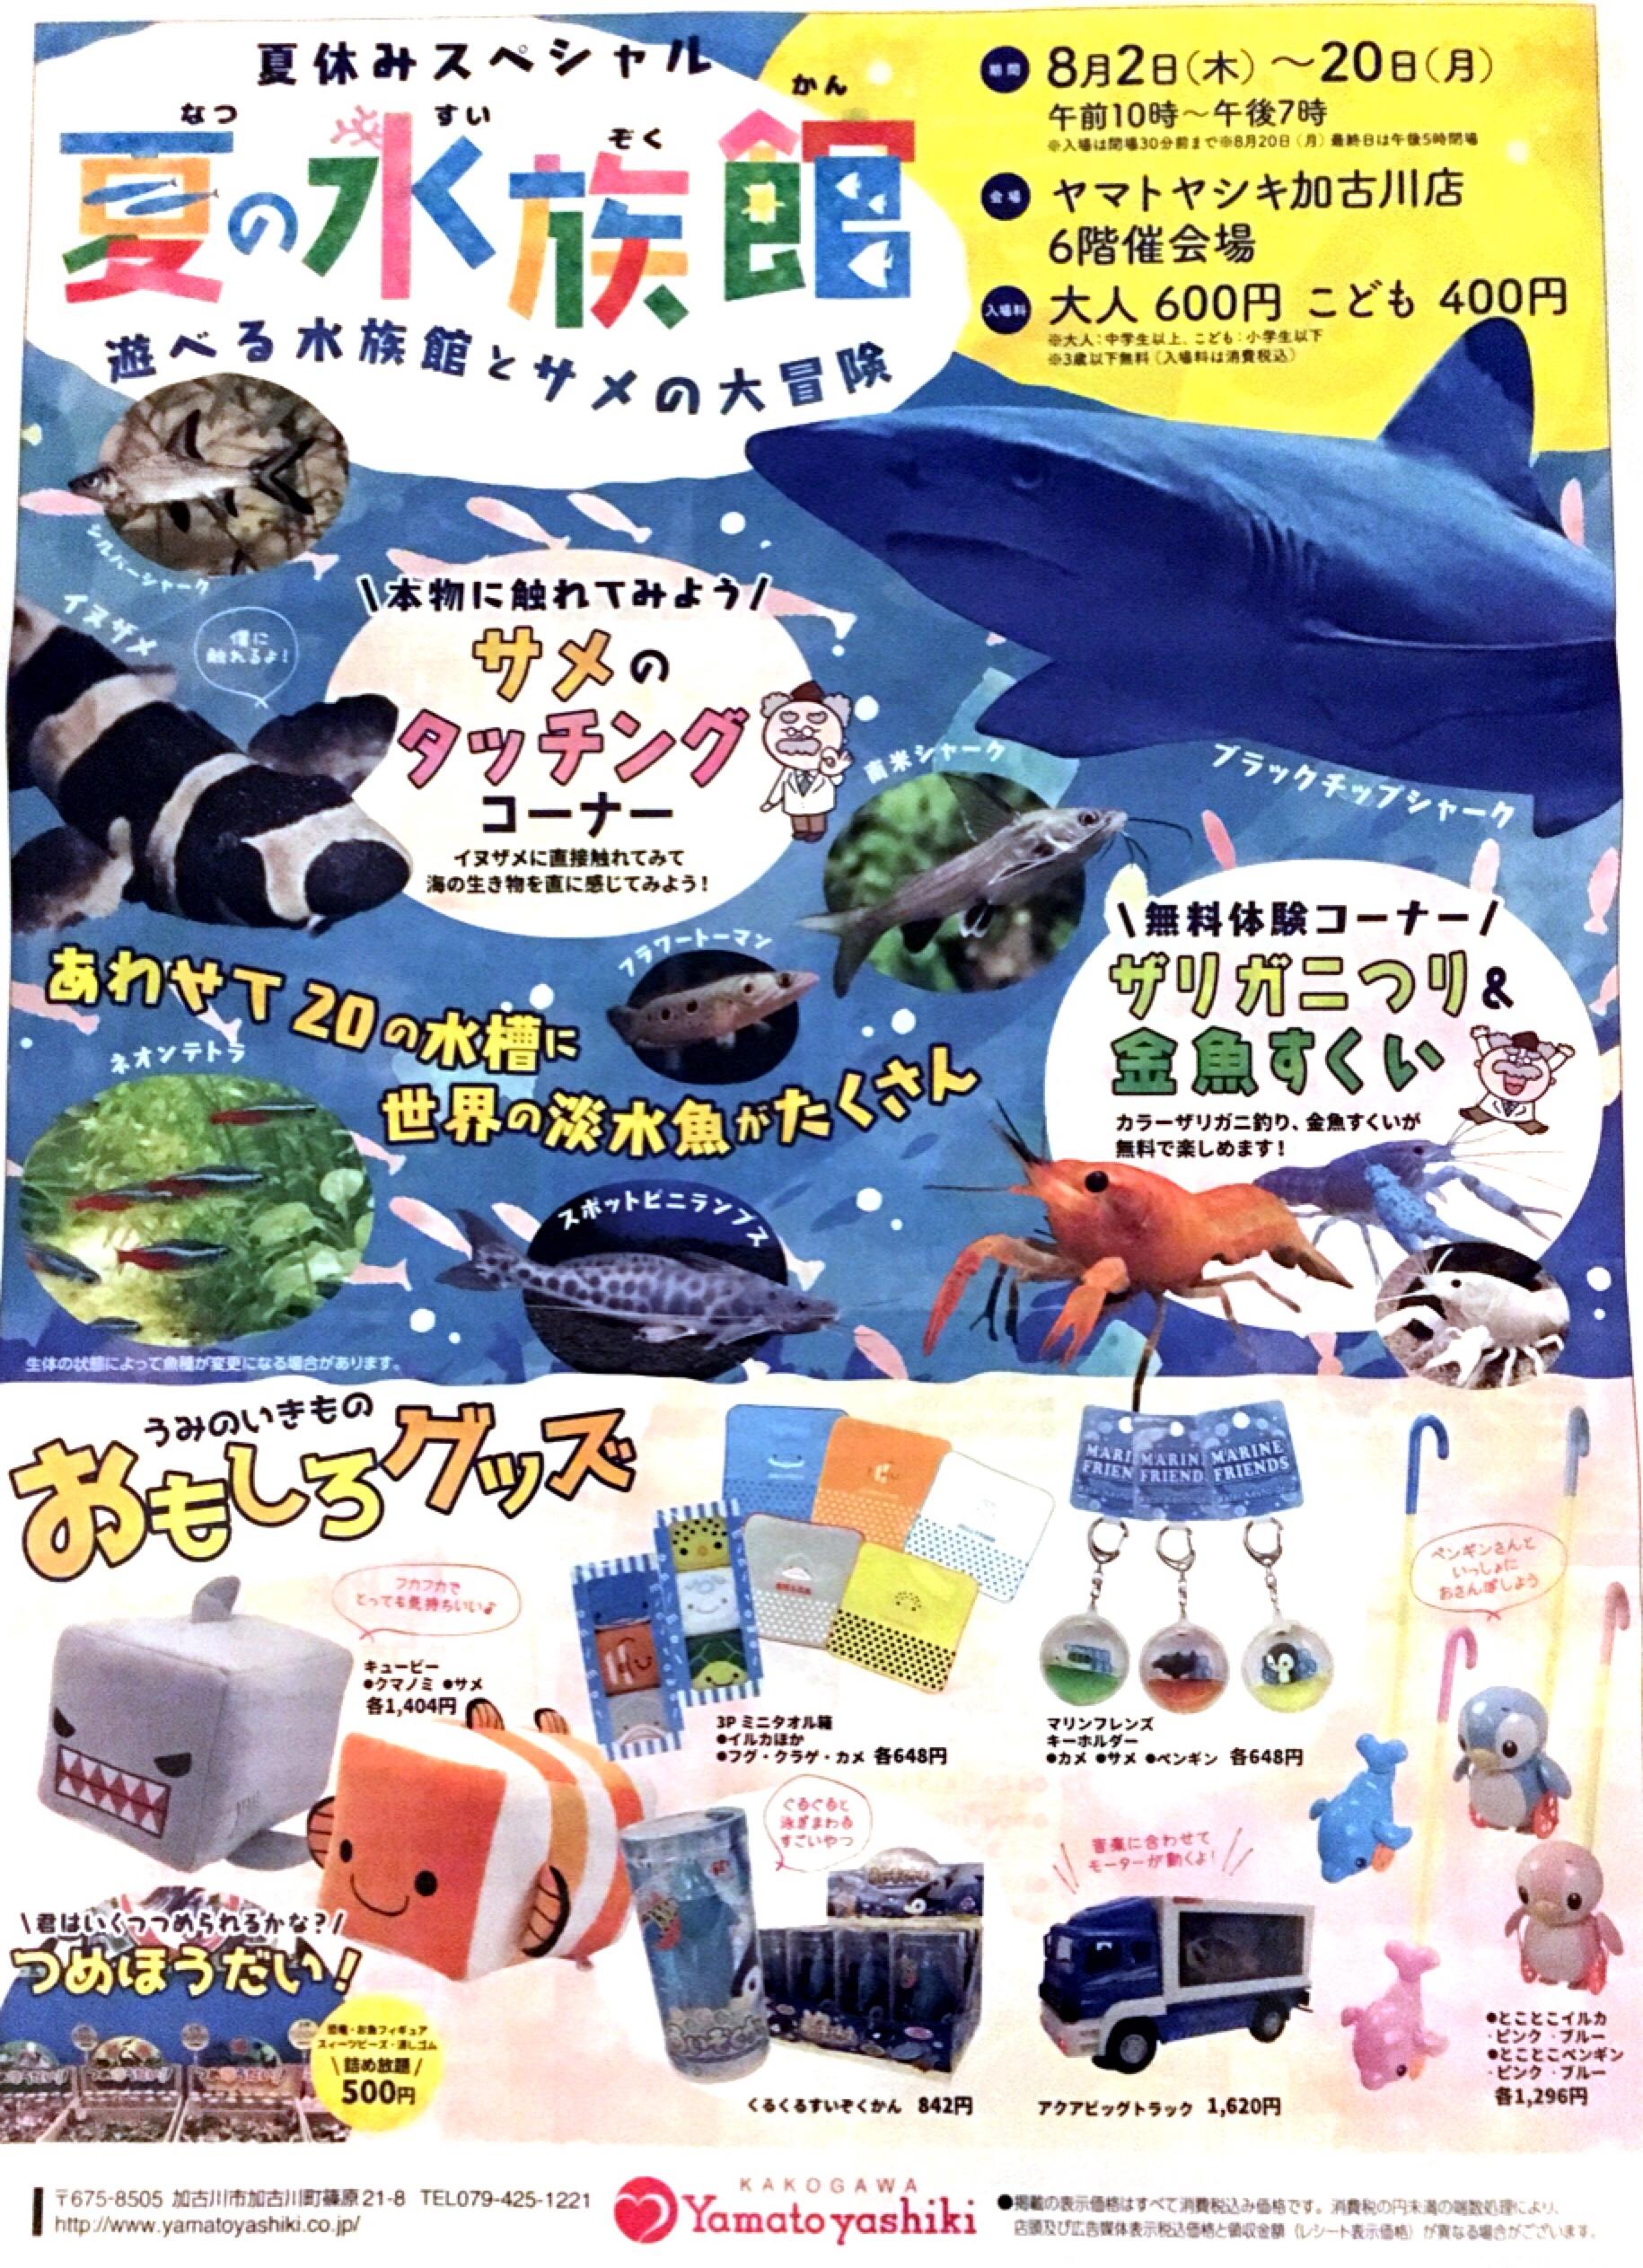 ヤマトヤシキで夏の水族館2018開催中☆世界の淡水魚が集合🐟